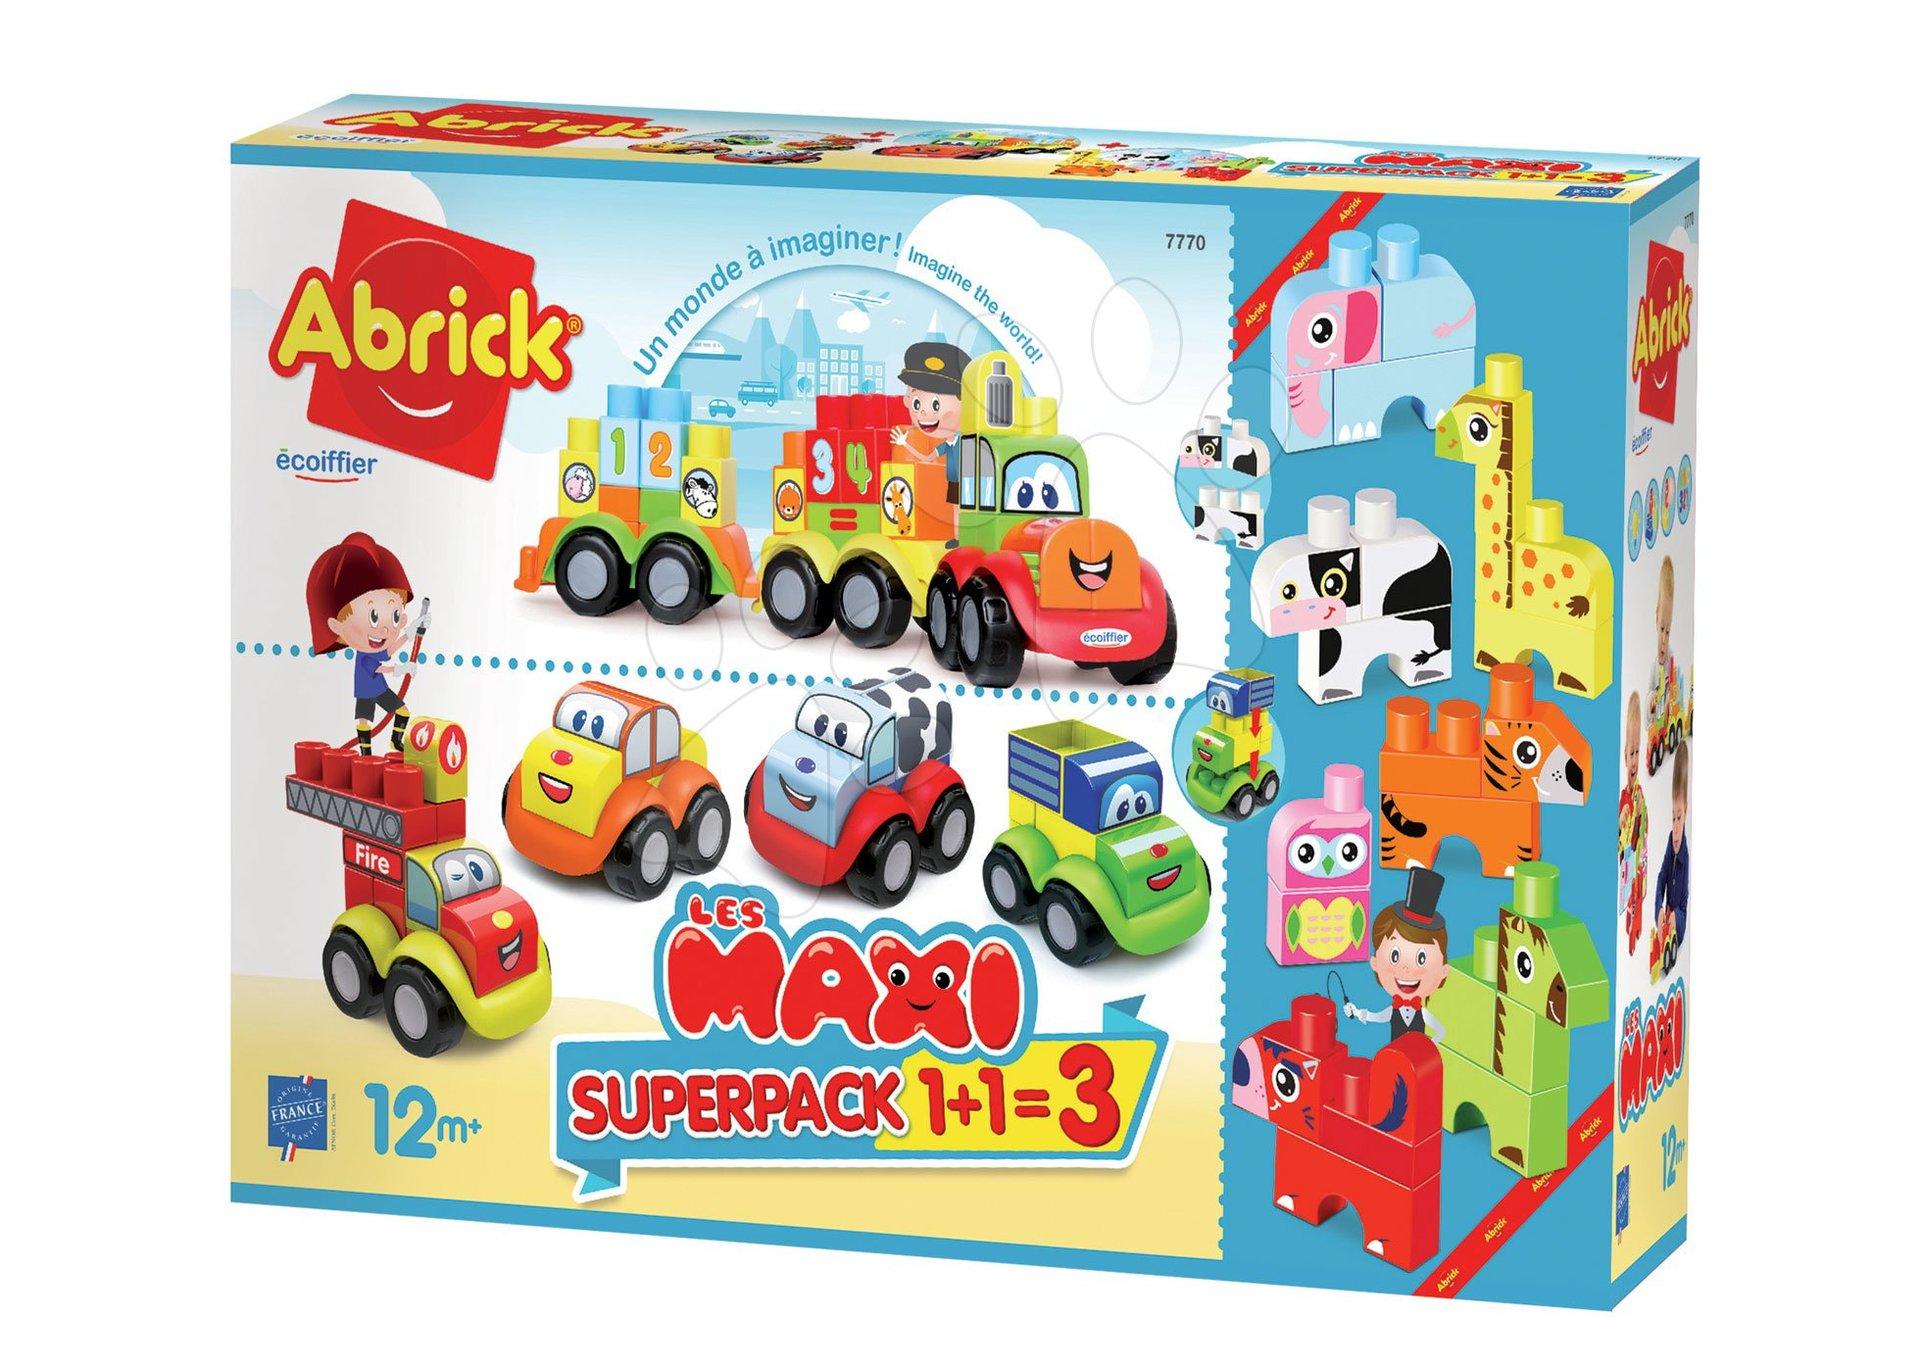 Stavebnica Maxi Abrick Superpack 3v1 zvieratká, autá a vláčik Écoiffier veľké kocky s IML potlačou od 12 mes